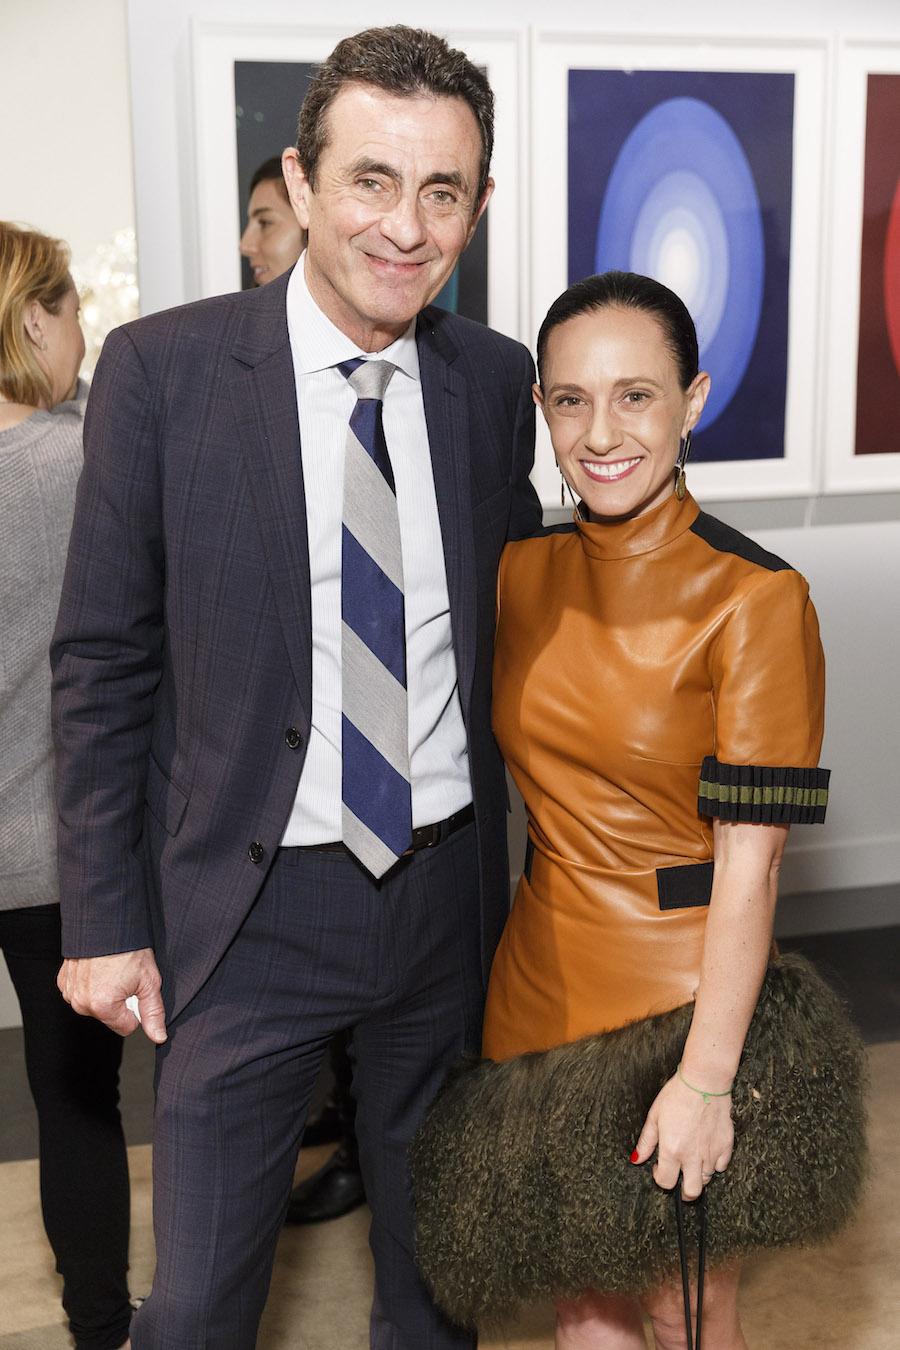 Neal Benezra and Becca Prowda